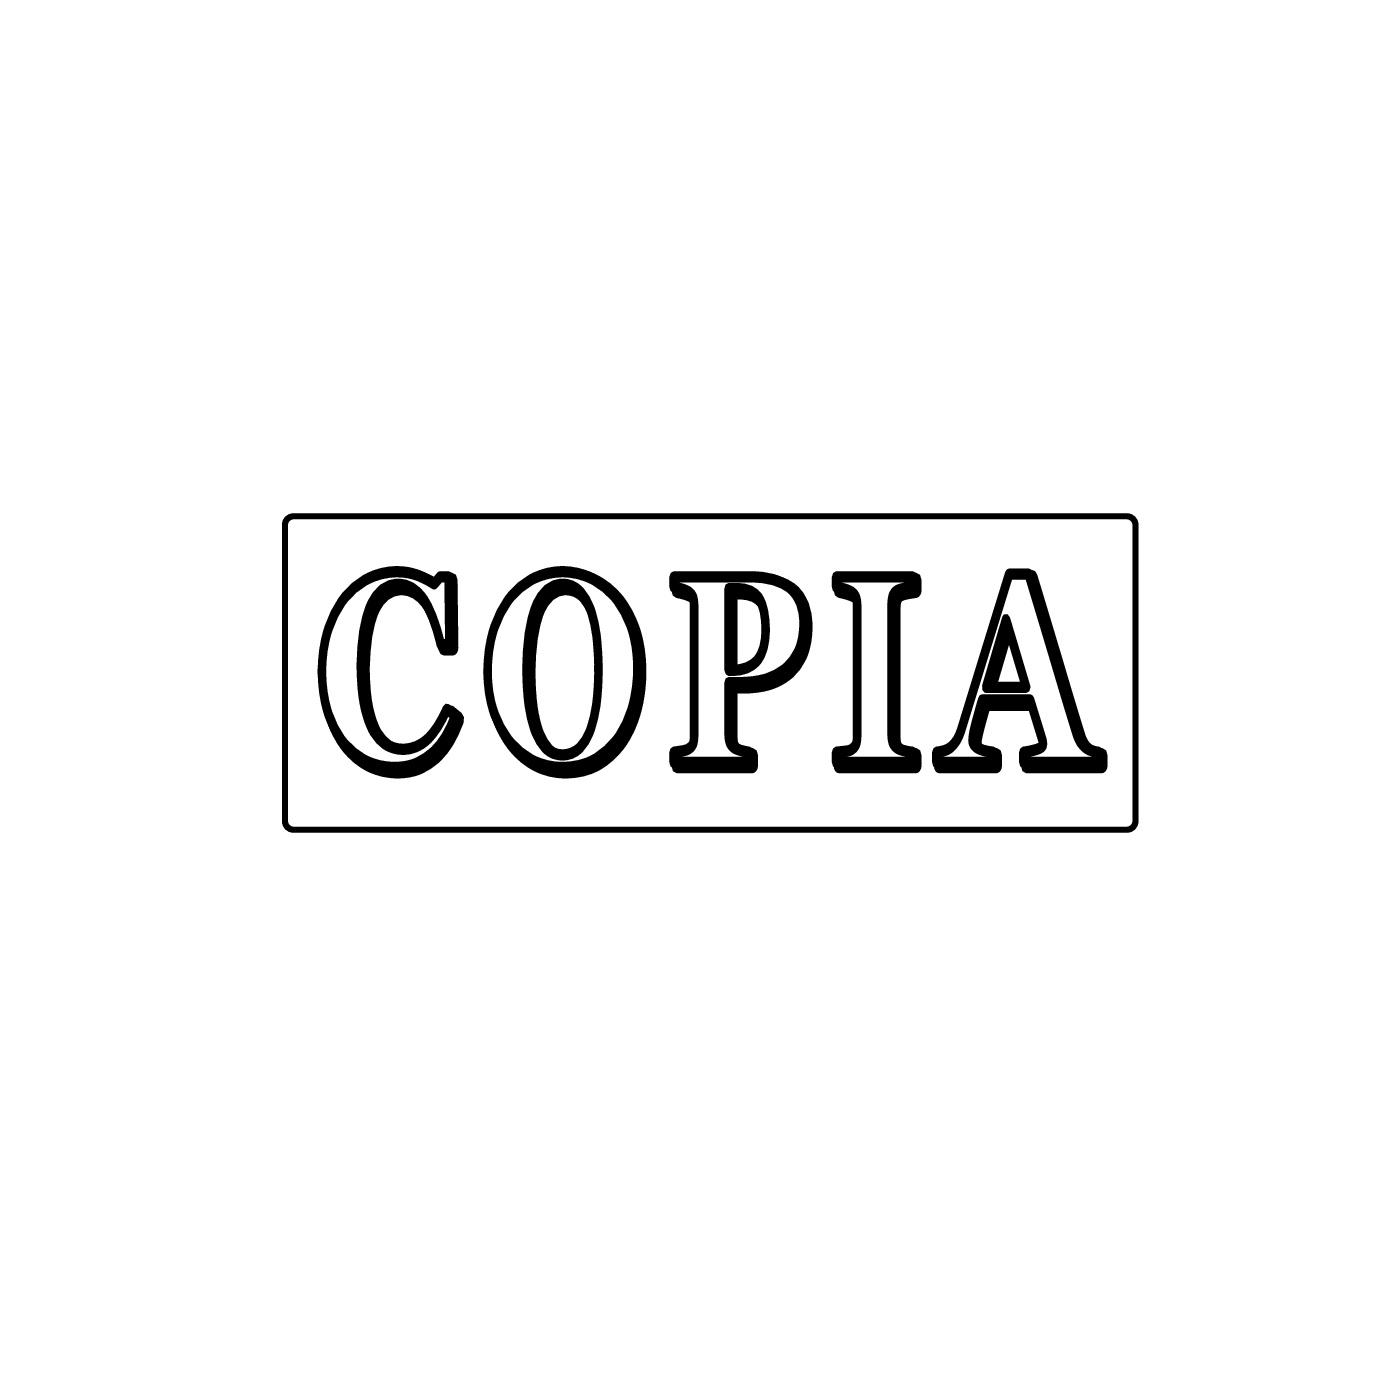 copia-001